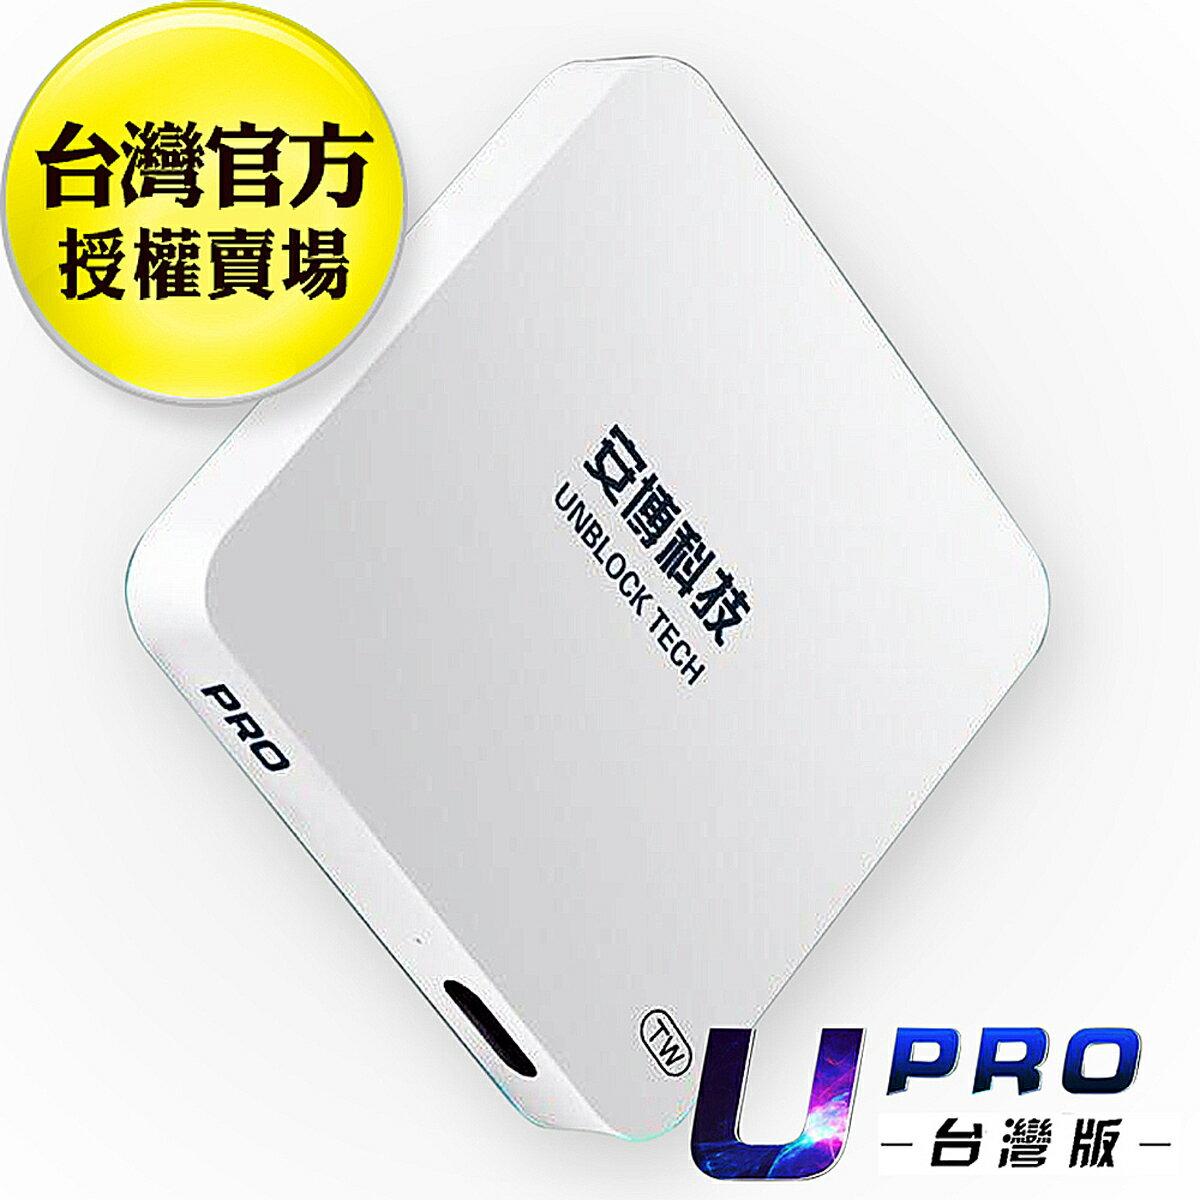 【贈無線滑鼠】X900(I900)新安博盒子4 藍芽智慧電視盒Pro BT 原廠正版 公司貨 UB/非越域/母親節/非便當OVO